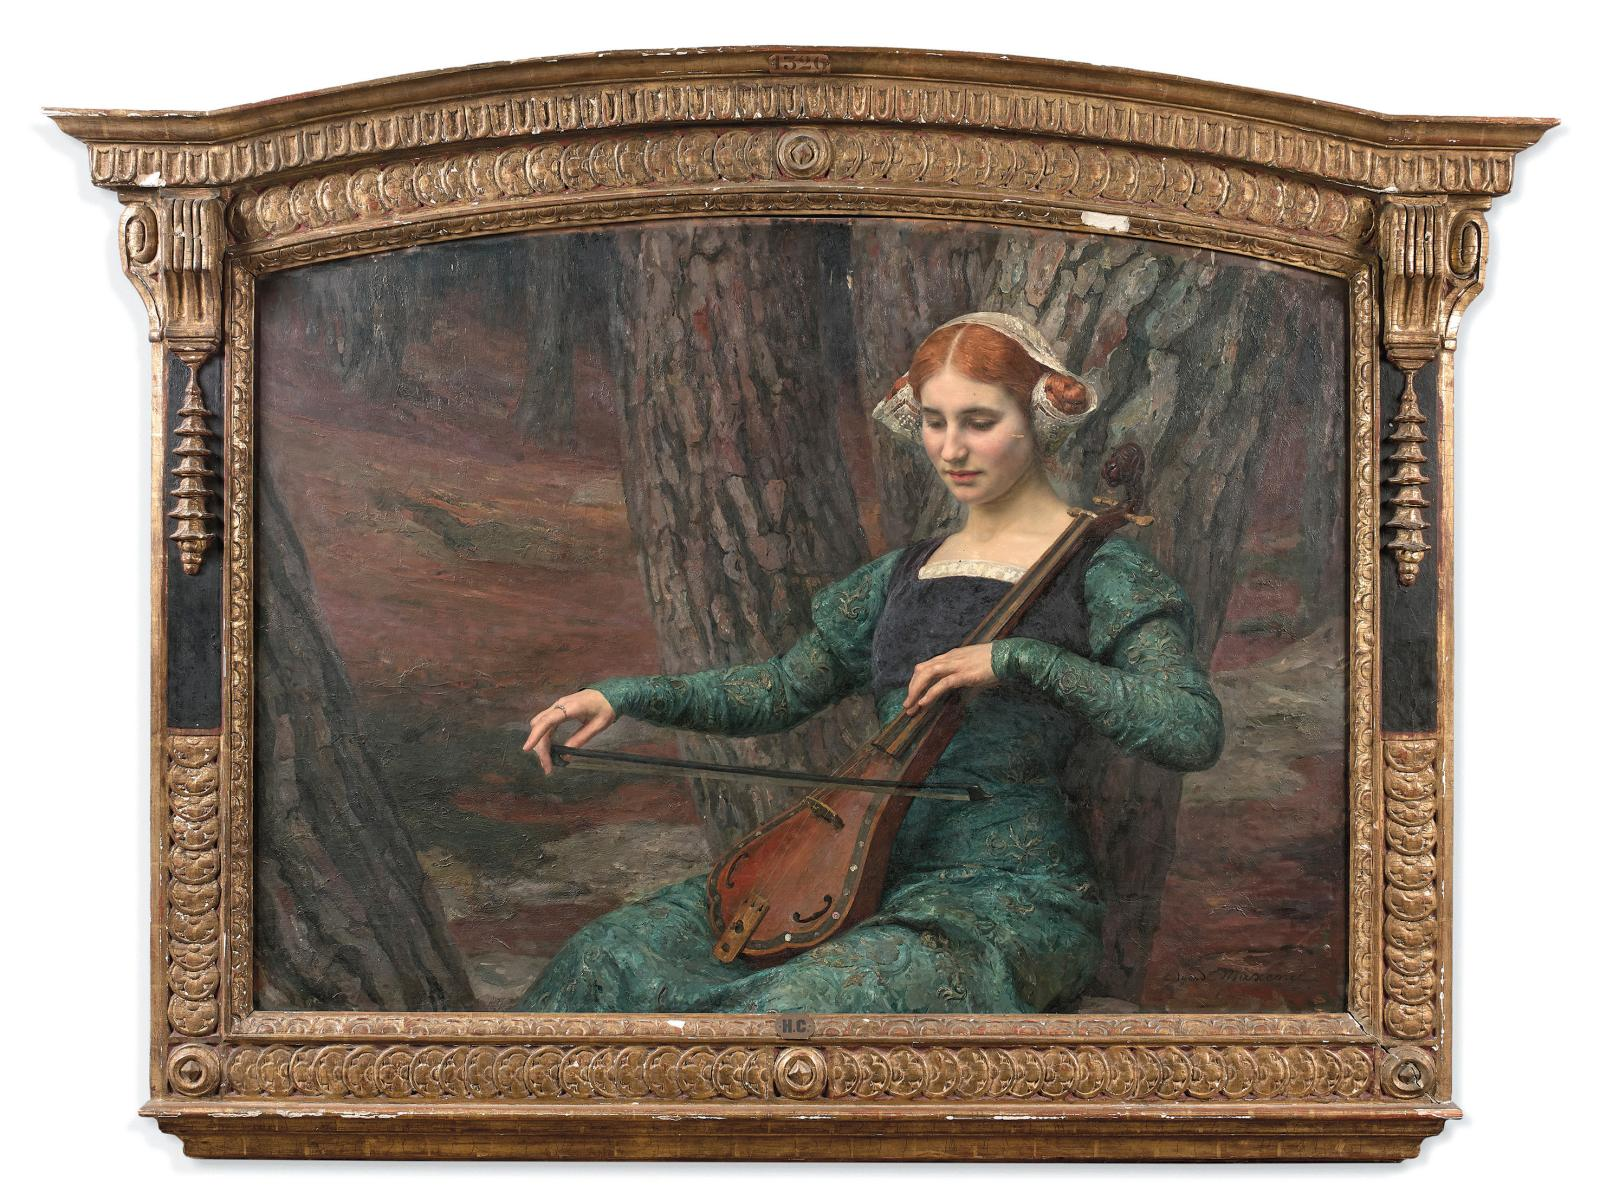 Edgard Maxence (1871-1954), Solitude, Peaceful Seclusion, huile sur panneau, 110x145cm, Paris, 15 décembre 2020. Millon OVV. MmeRitzen